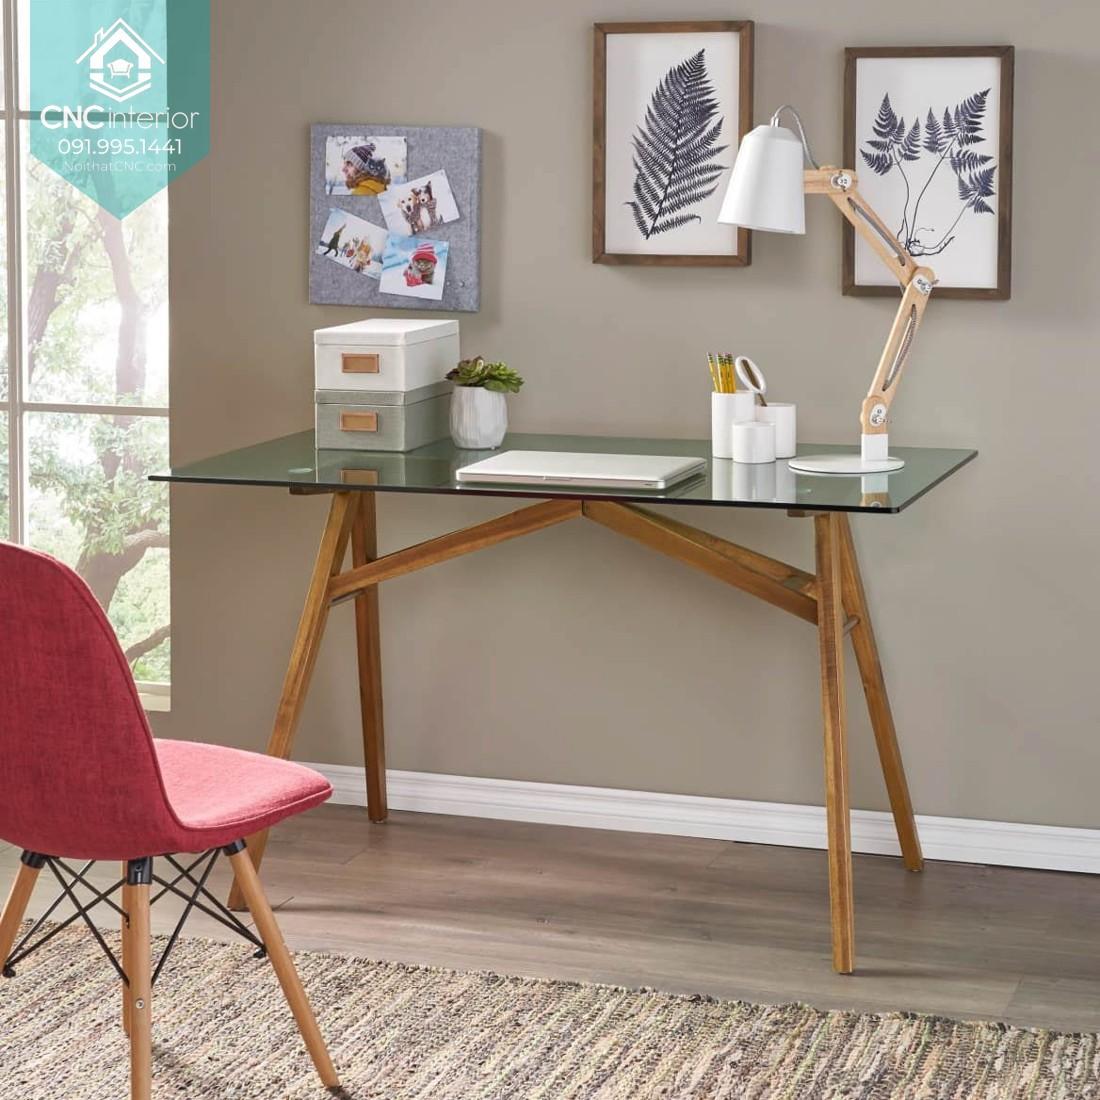 Bàn làm việc hiện đại mặt bàn bằng kính và chân bàn gỗ